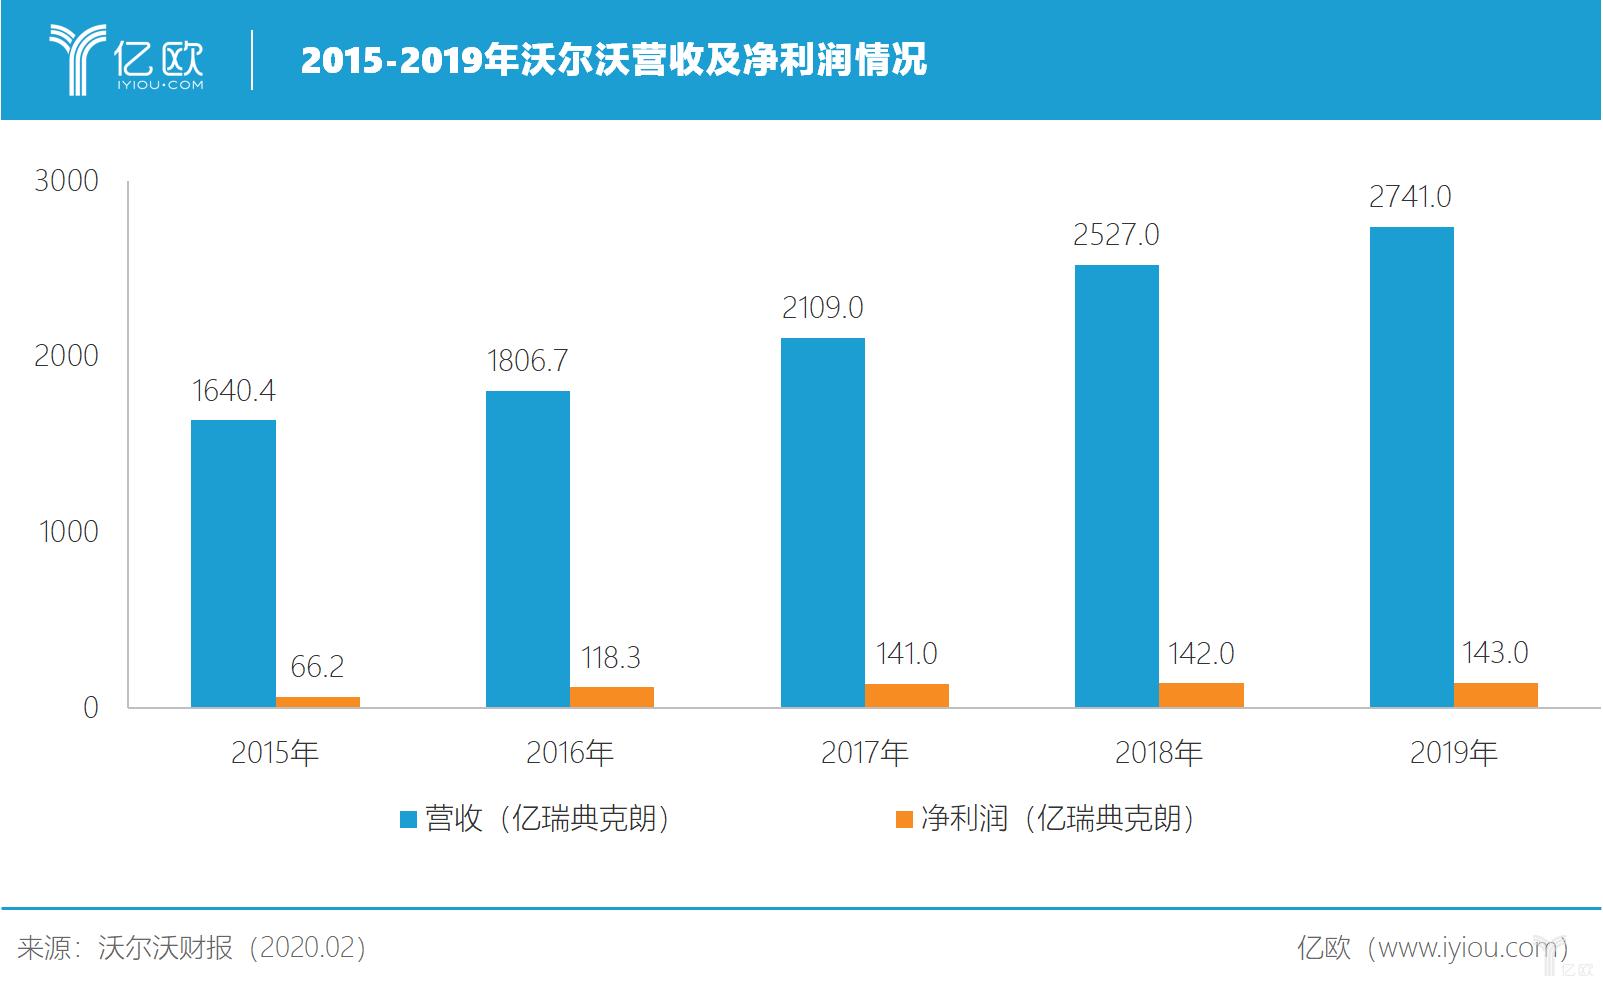 2015-2019年沃尔沃营收及净利润情况